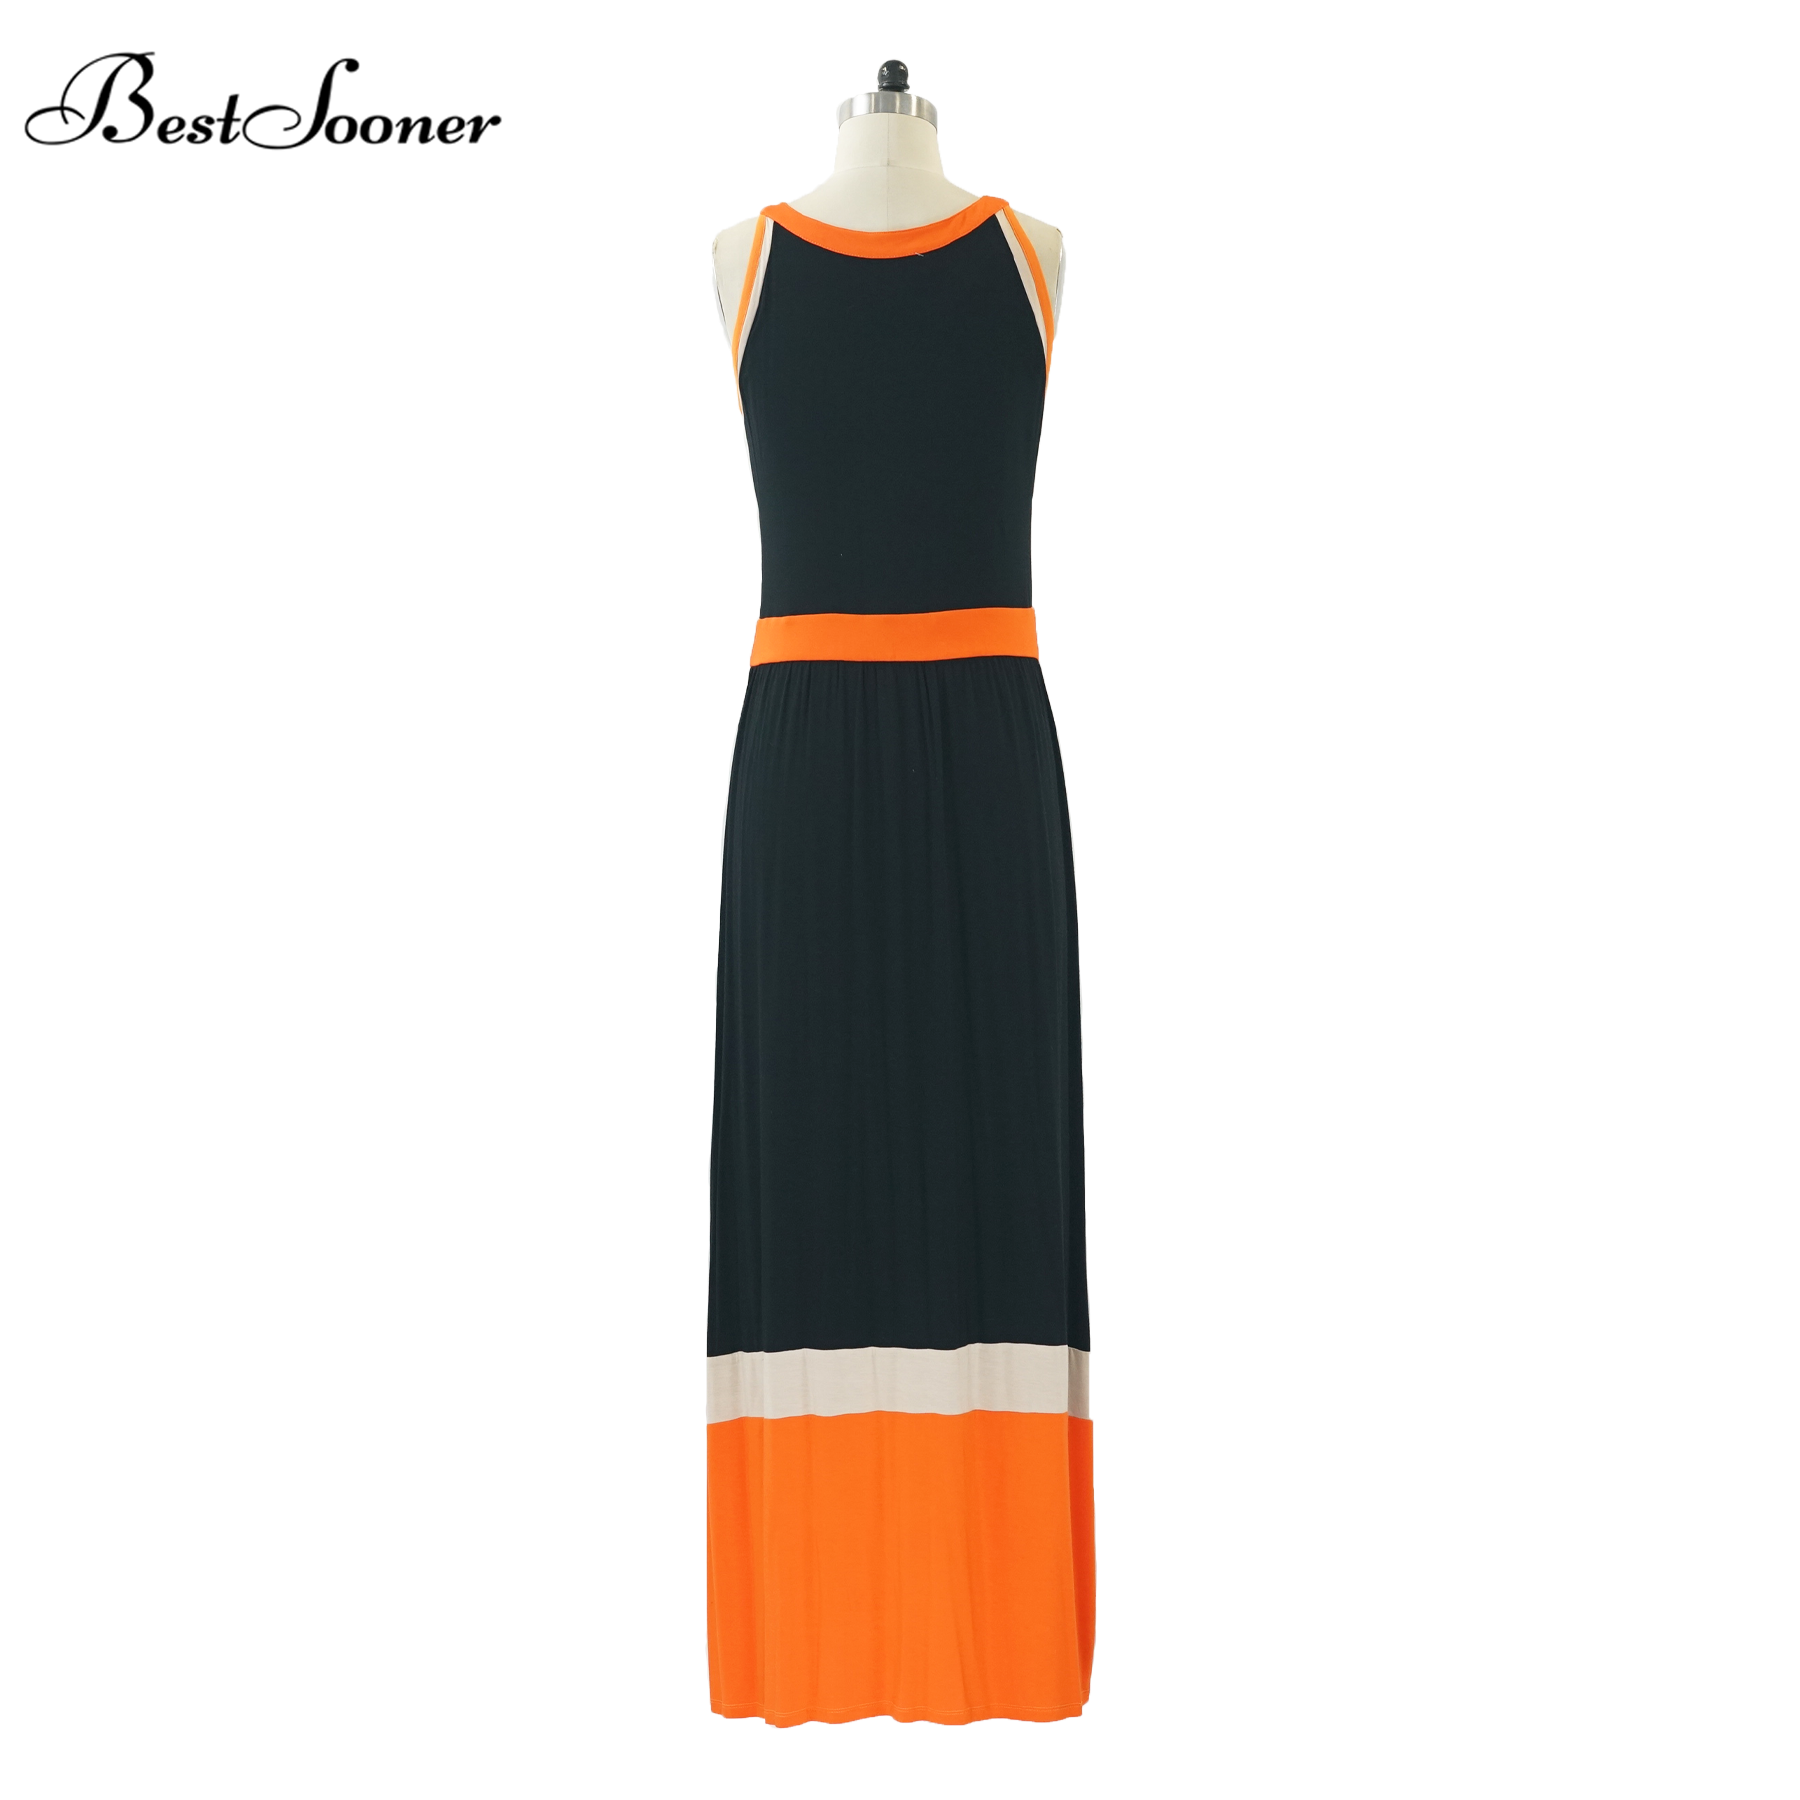 ce676ed6b19b1 مثير الرسن الأفريقي بازان التطريز تصميم طويلة ماكسي فستان مخطط النساء الصيف